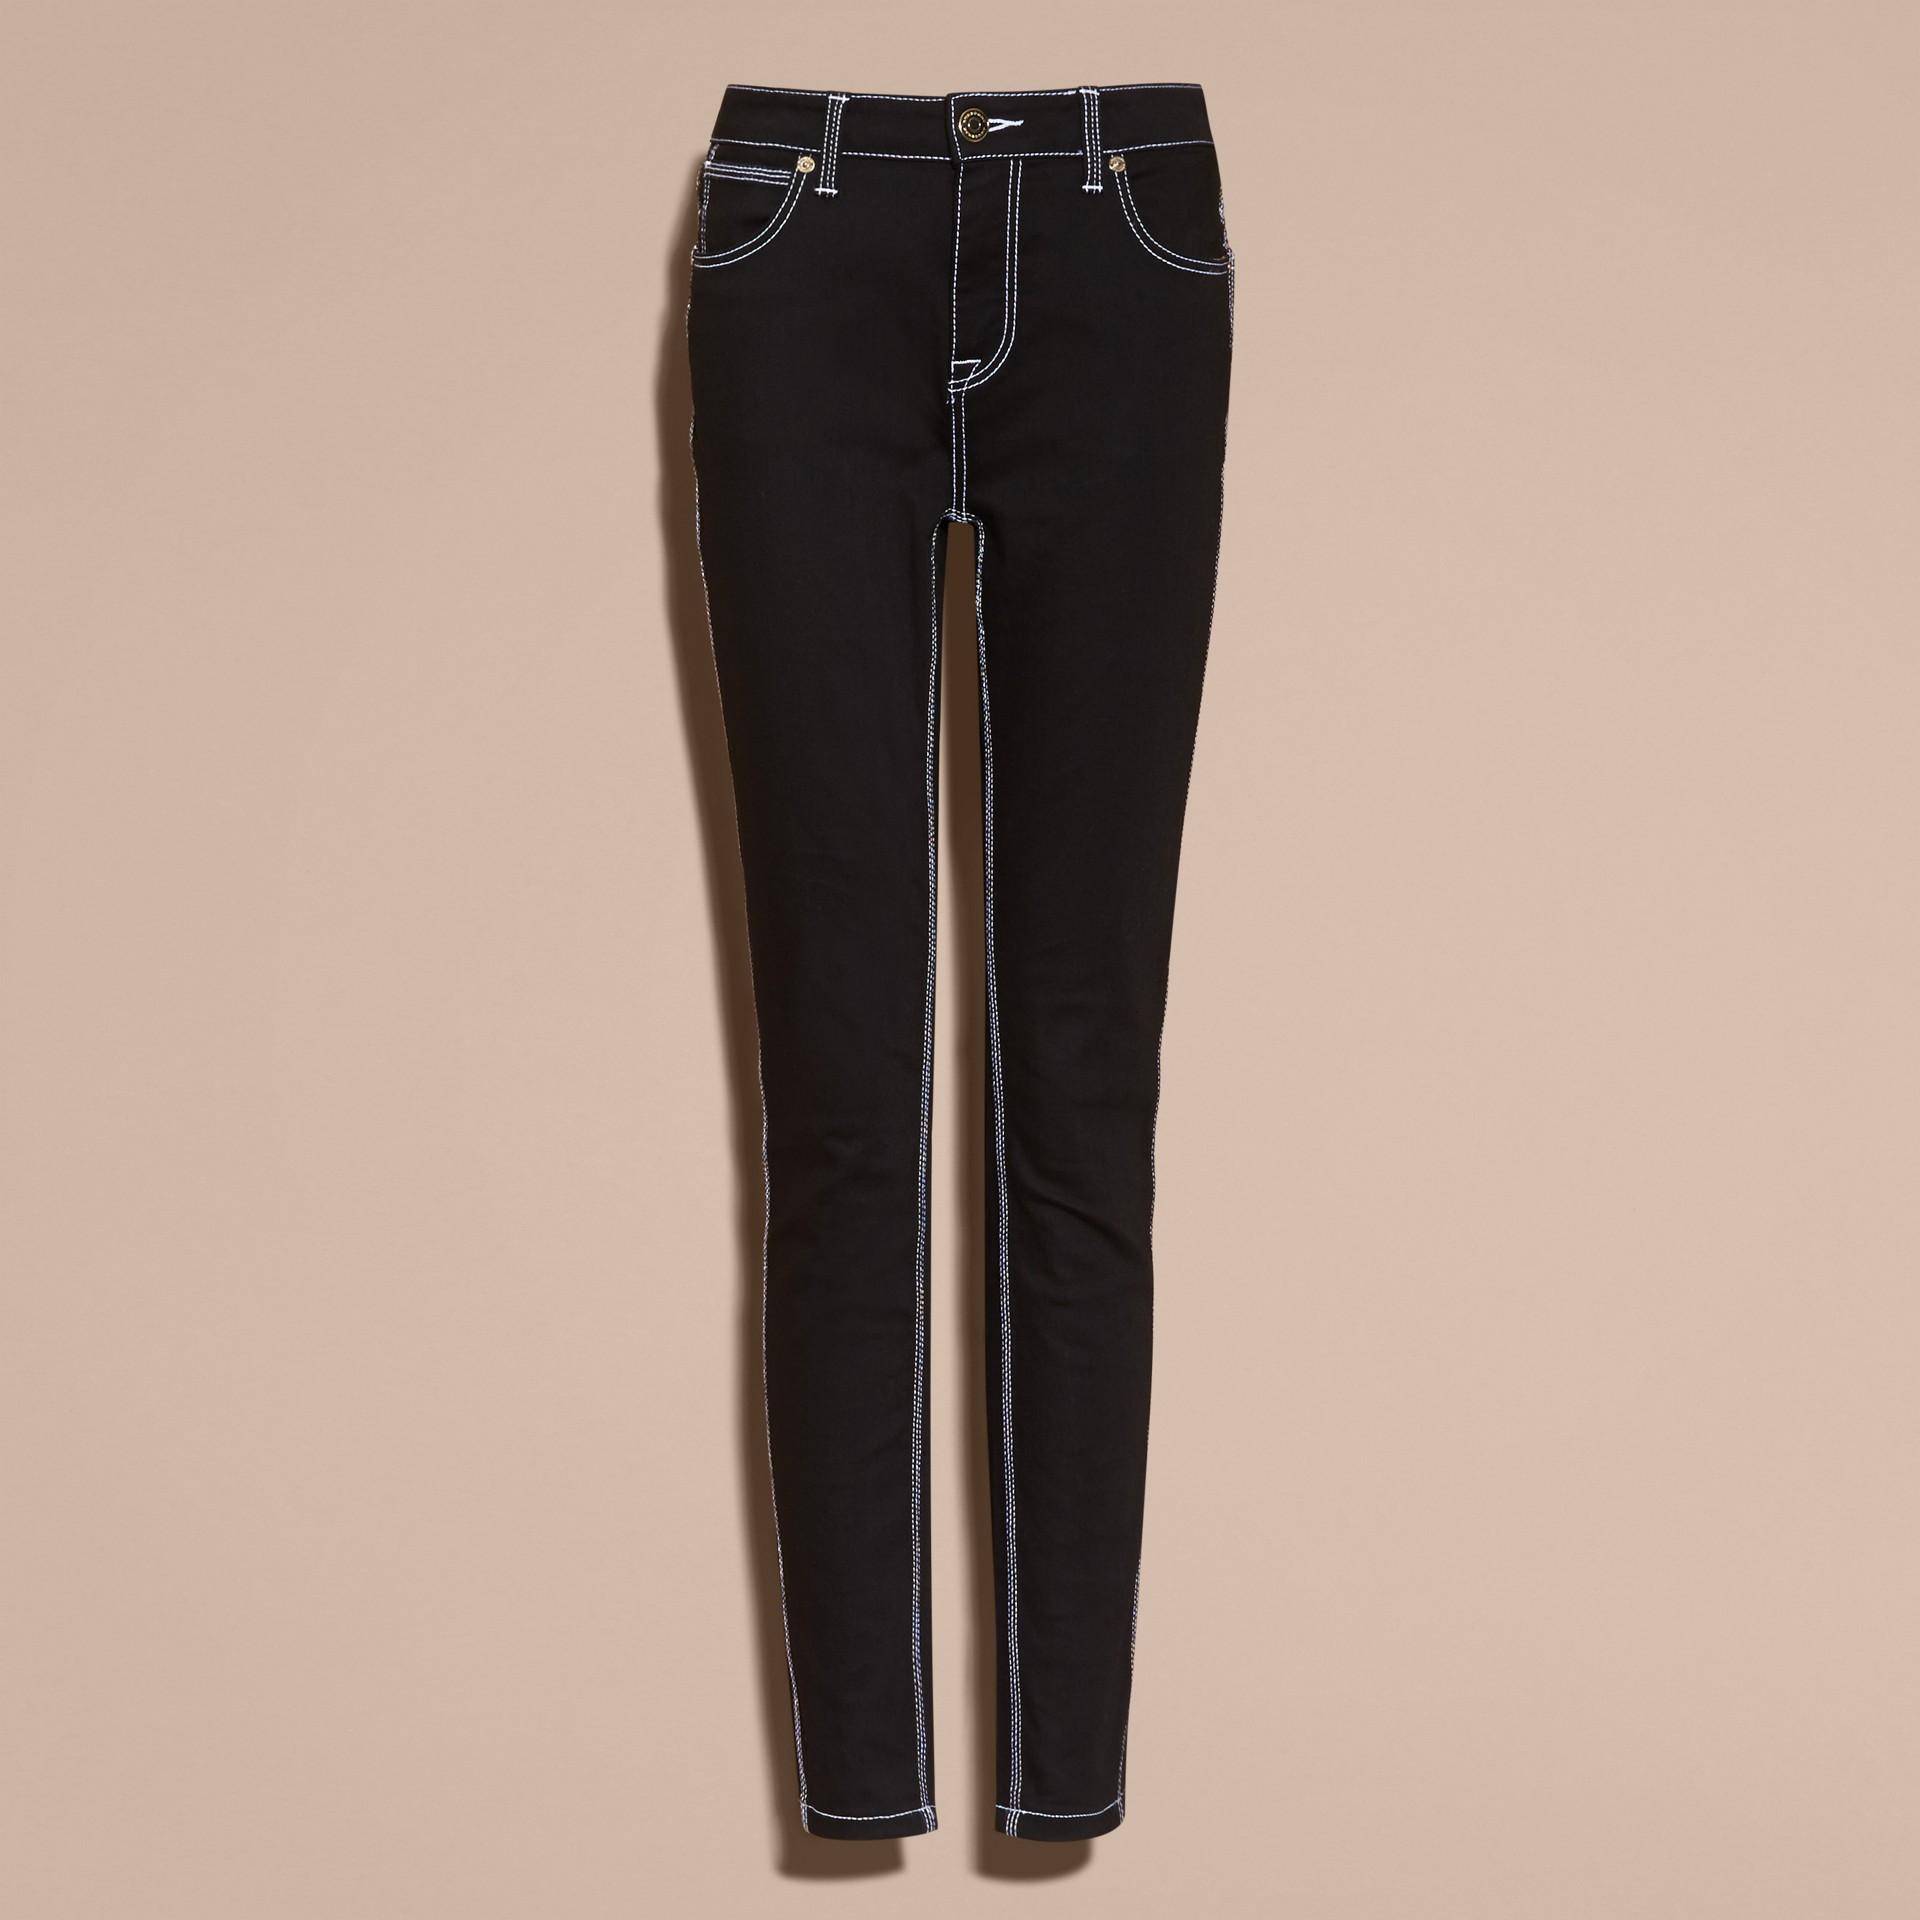 Schwarz Skinny-Jeans aus Stretchdenim mit kontrastierenden Steppnähten - Galerie-Bild 4